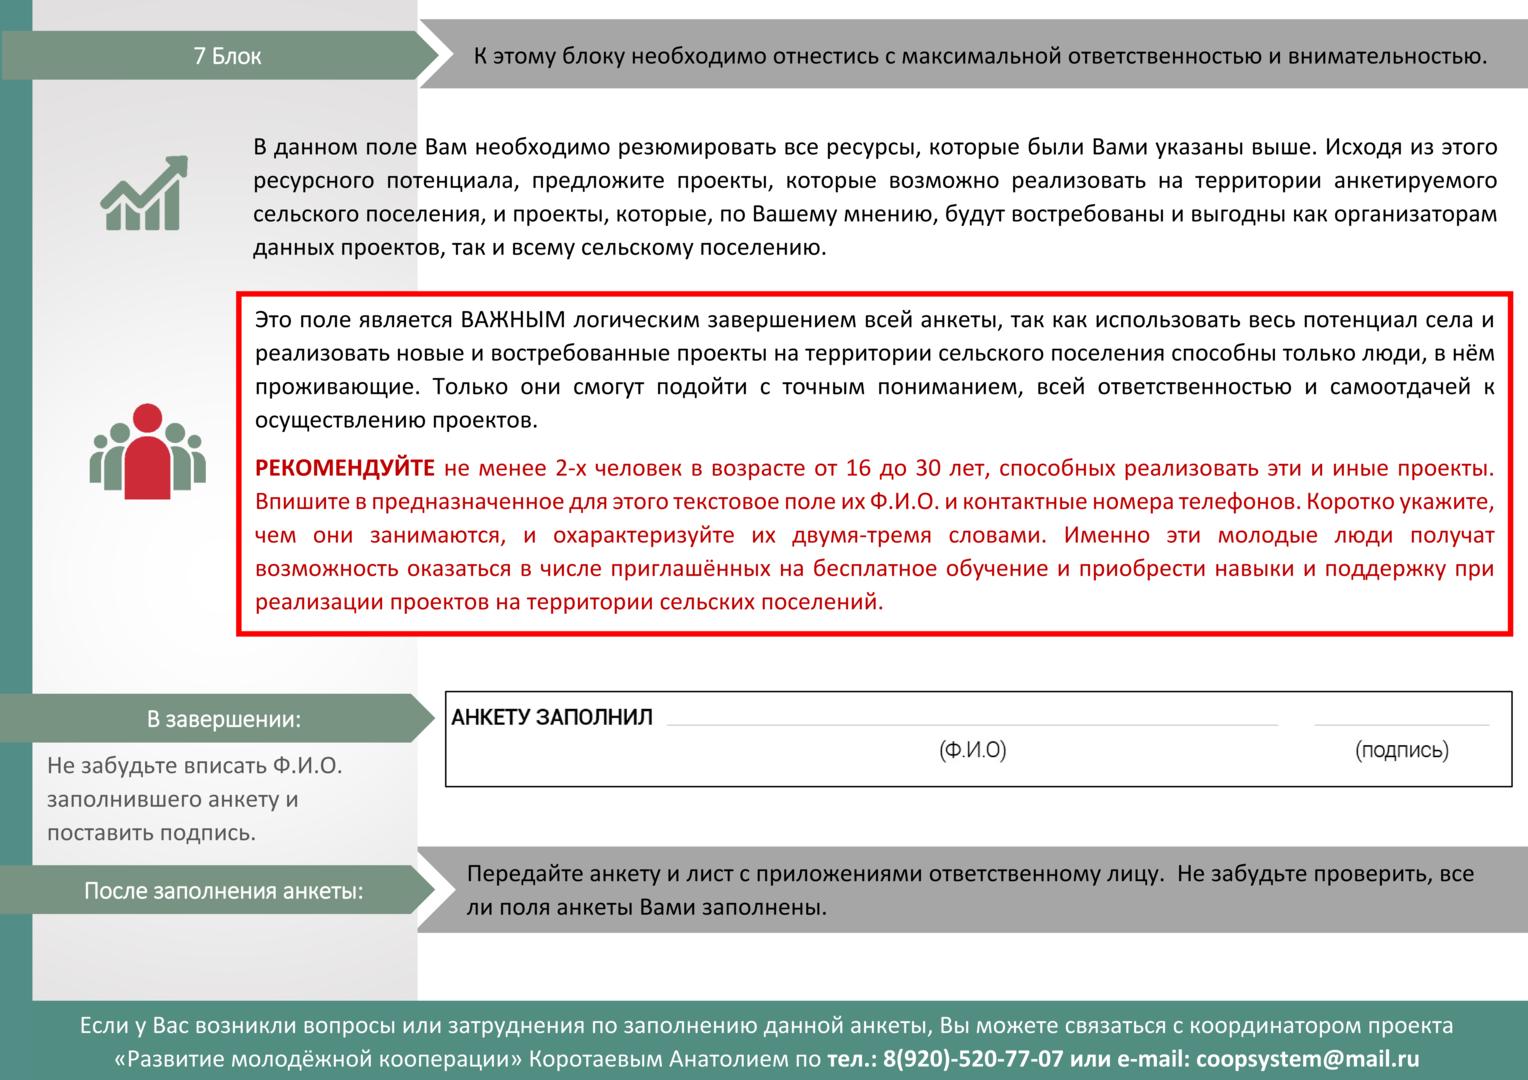 instruktsia_gotov_017